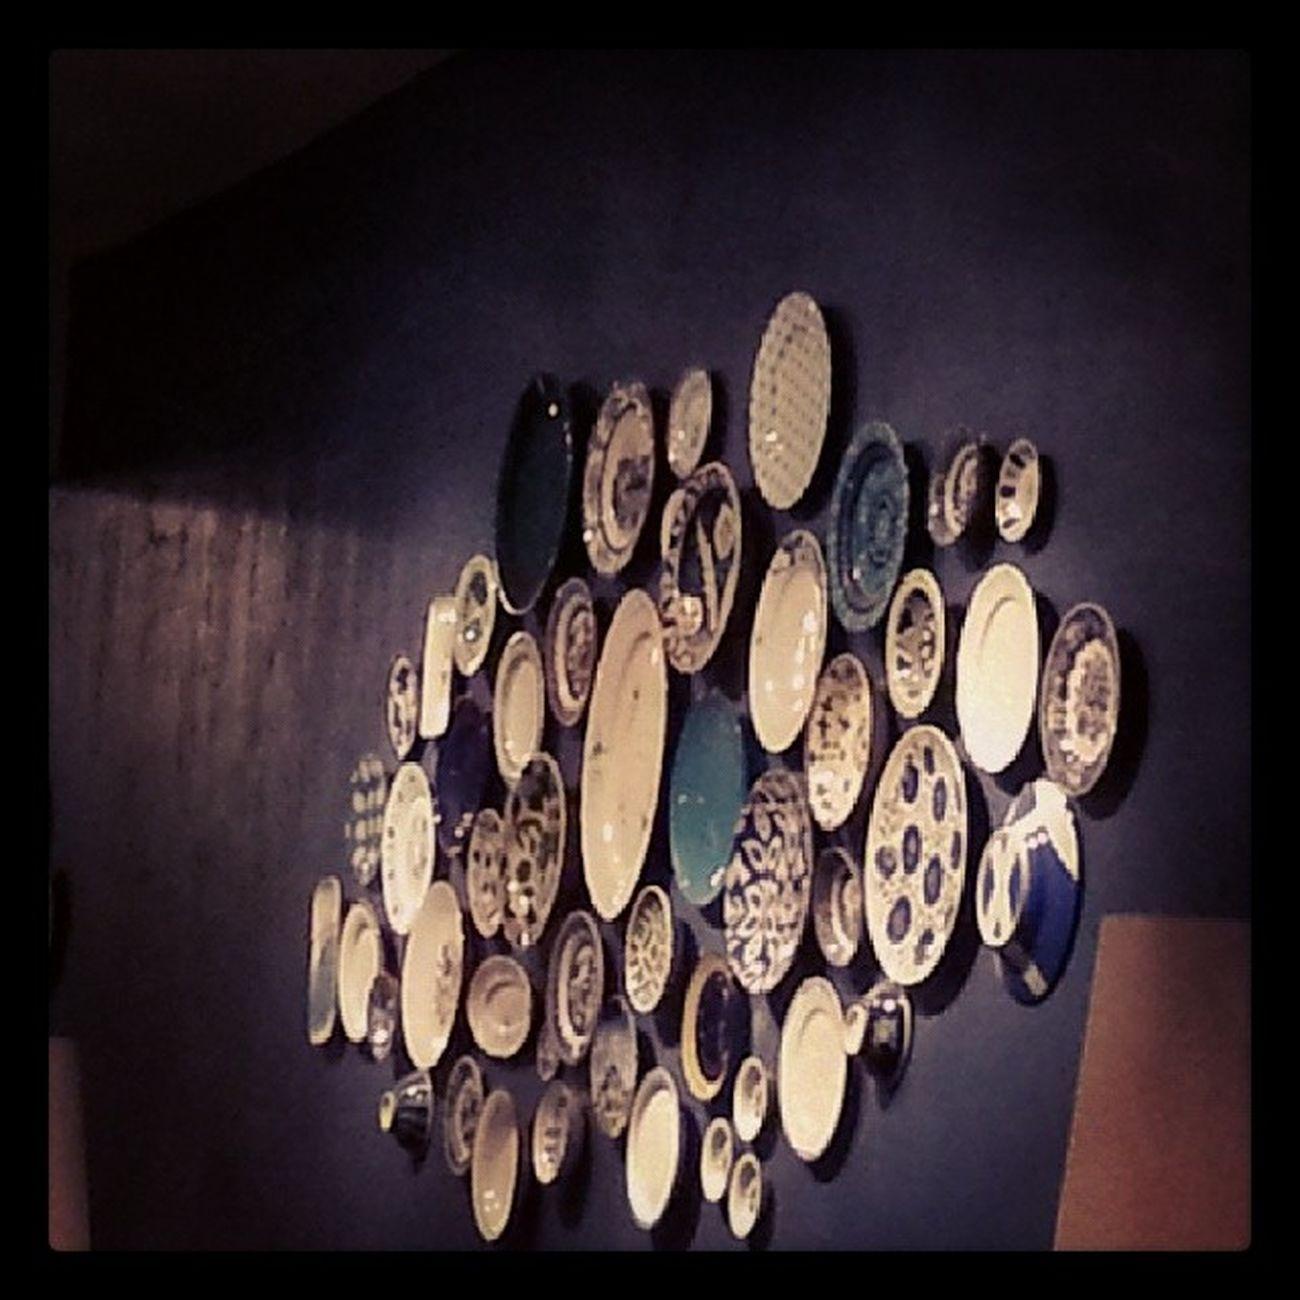 Humus ve mucvere sevgilerle☺Yummy☺😜 @bettydir Naif Dinner Instagramers Plate Ceramics Istanbul Blue